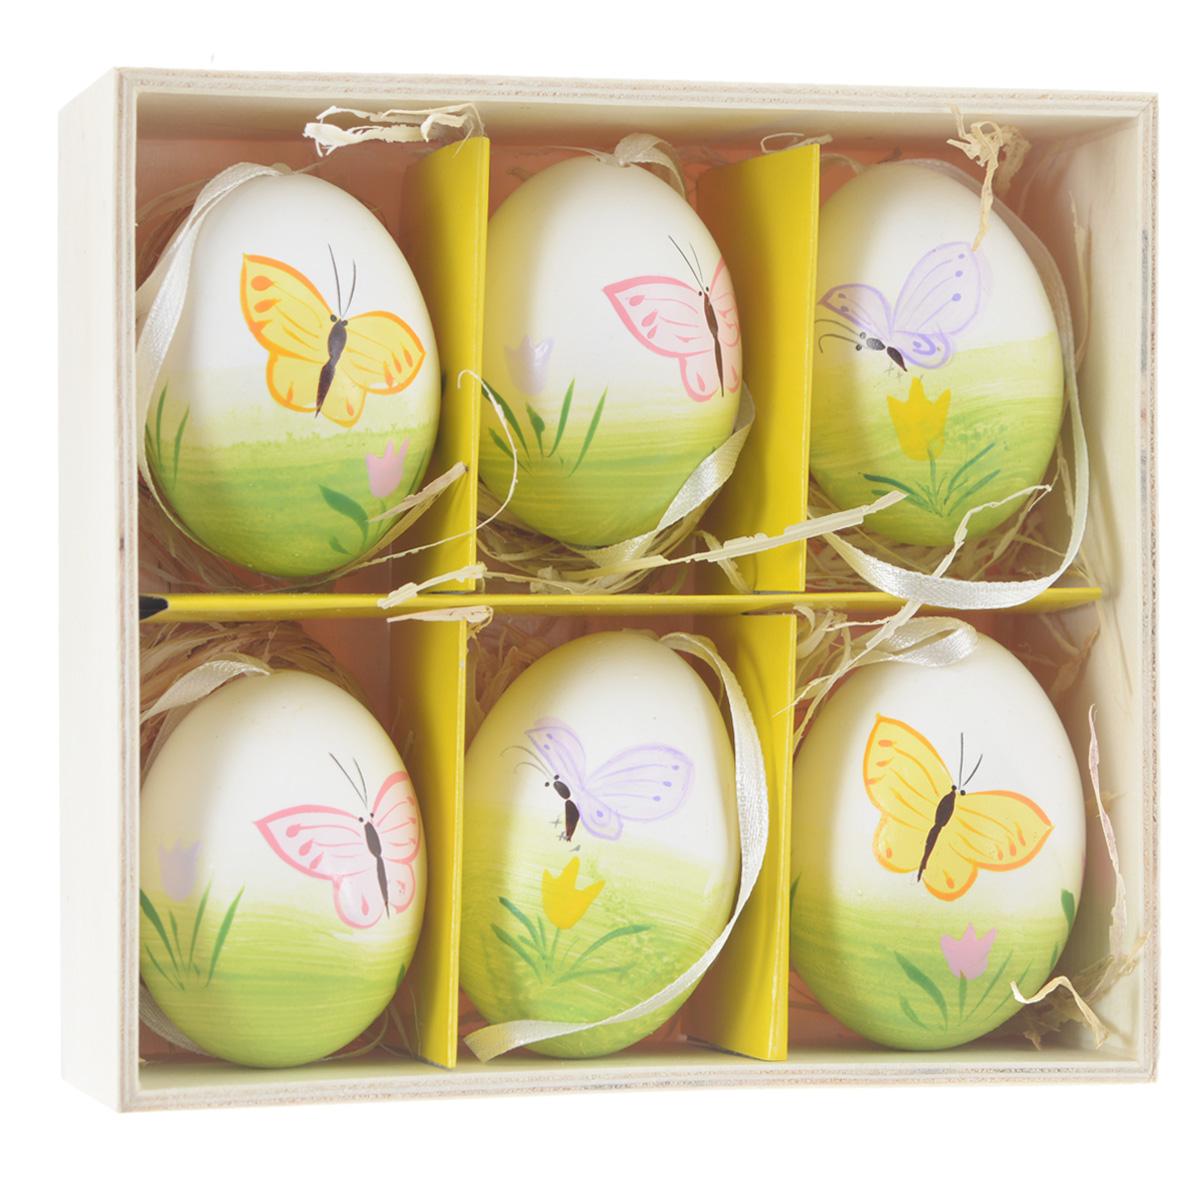 Декоративные подвесные пасхальные яйца Феникс-презент, 6 шт. 36904 чашка для яйца colour caro